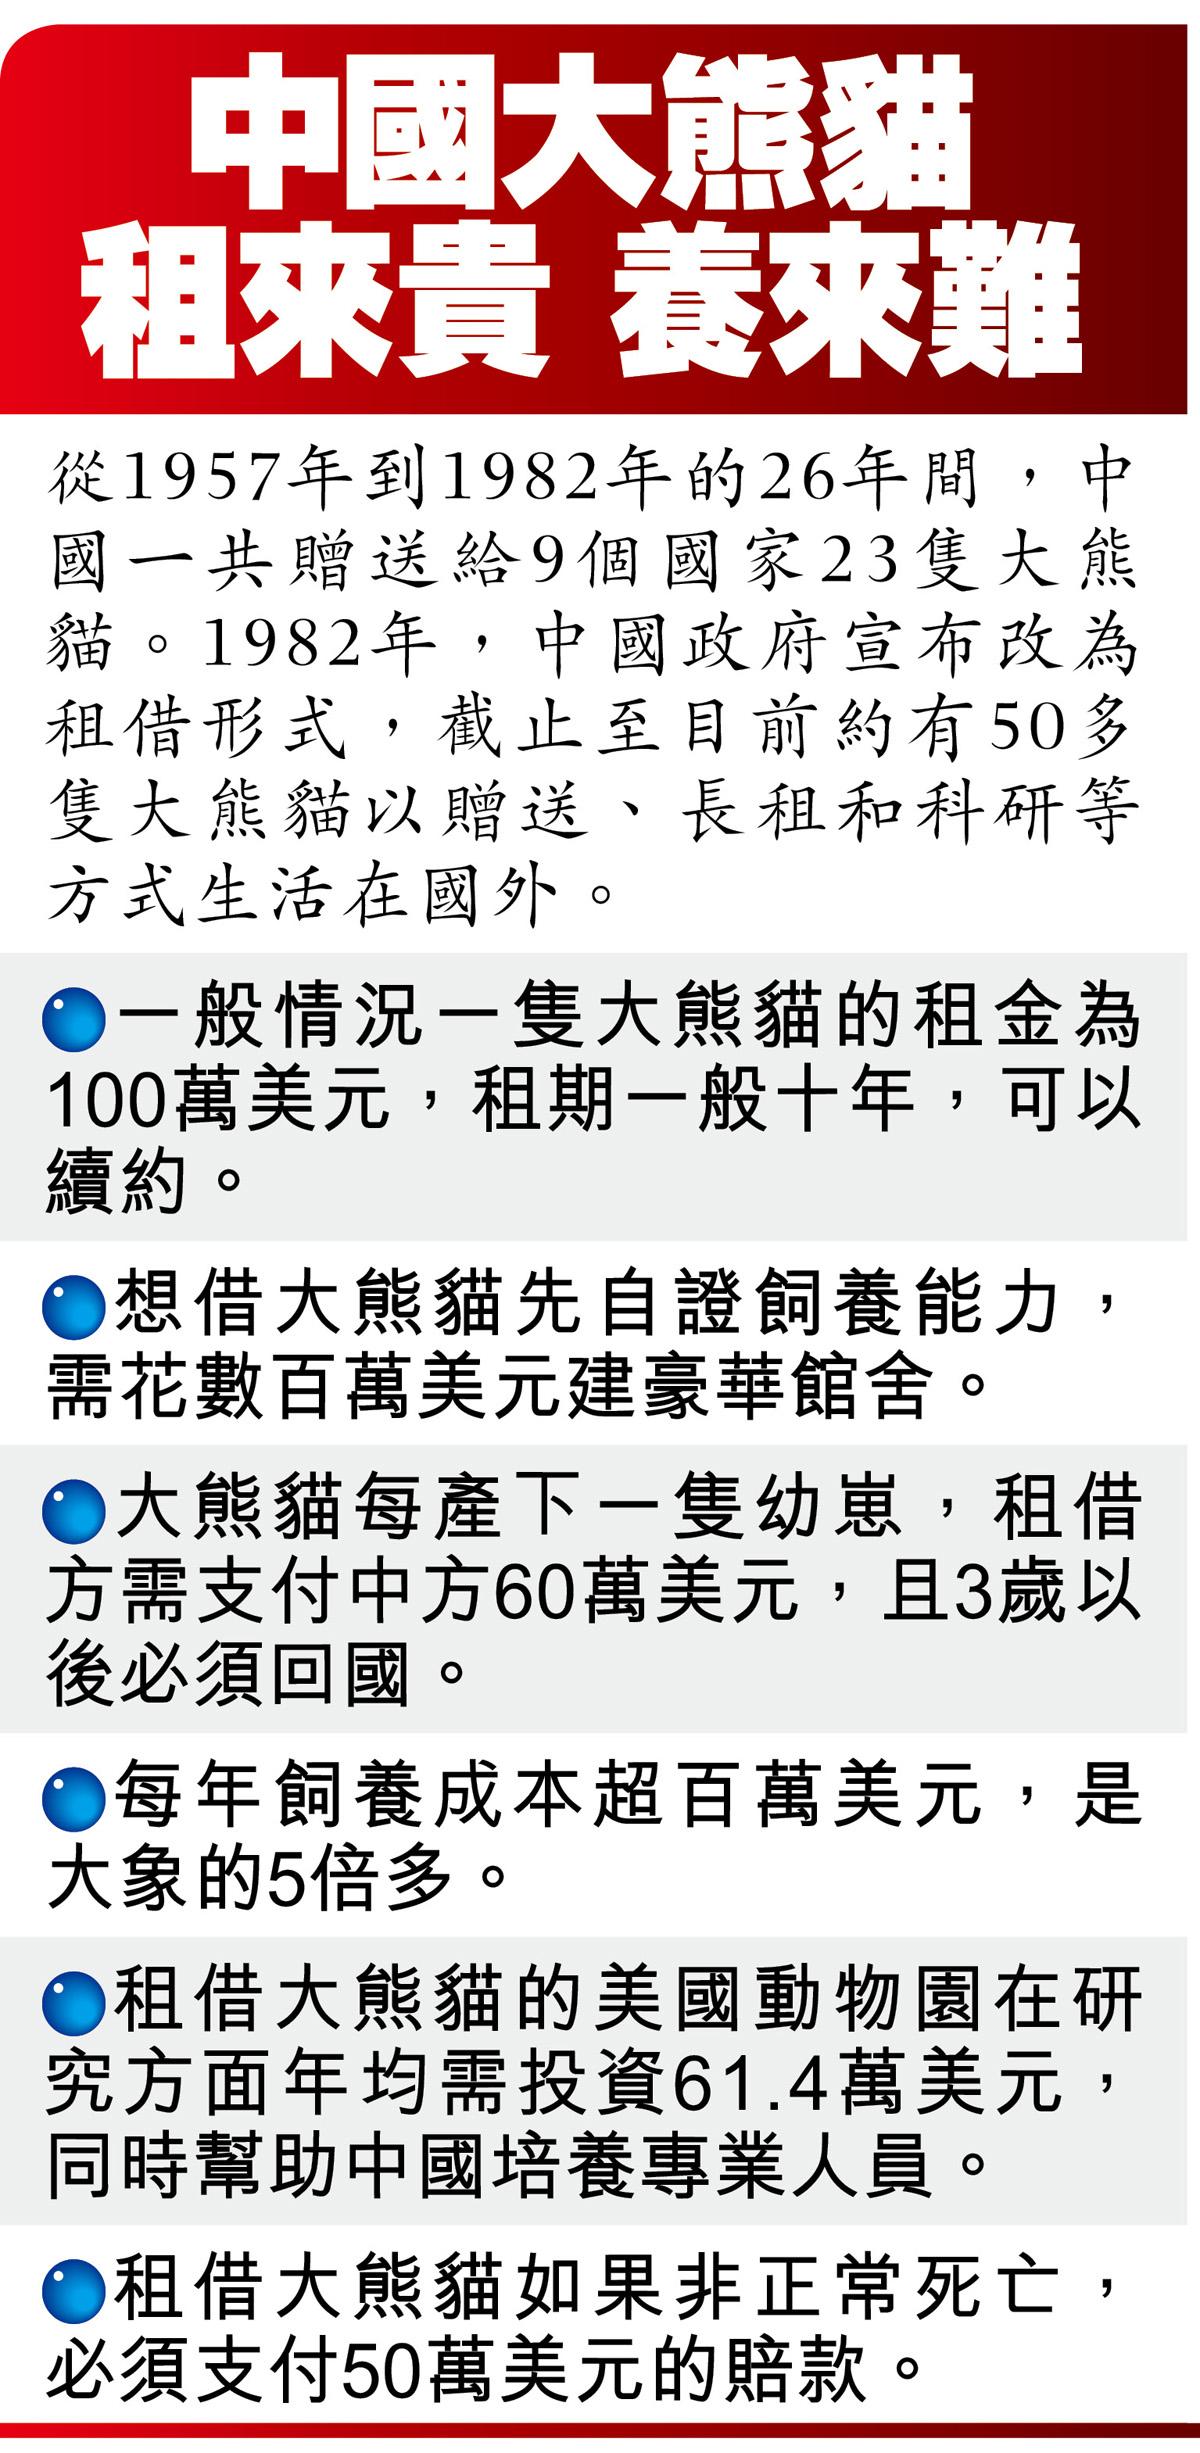 中國大熊貓租來貴 養來難